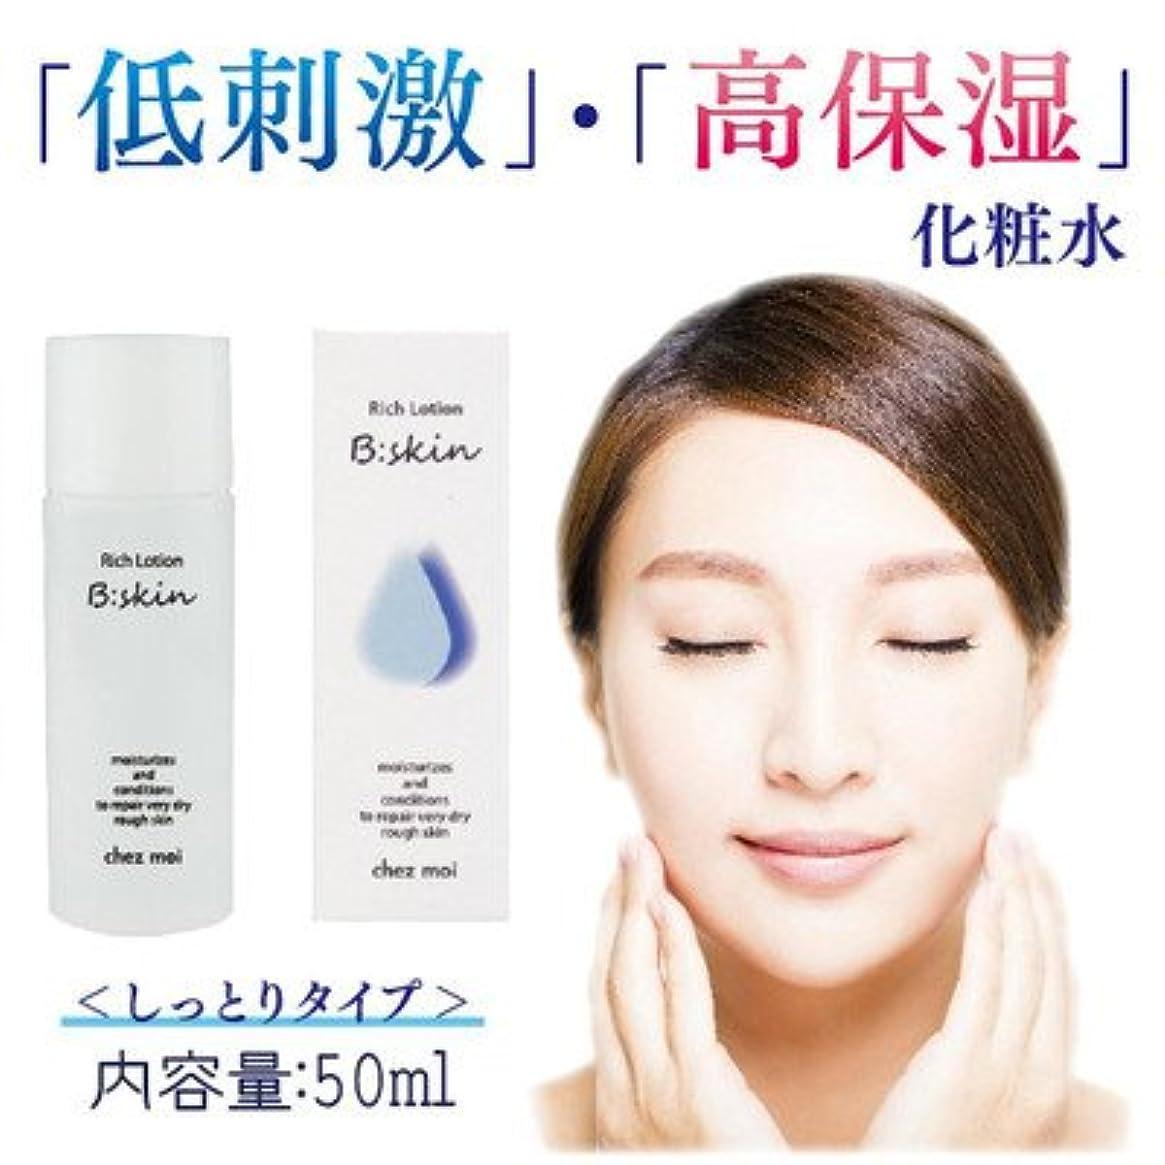 対角線直接テクトニック低刺激 高保湿 しっとりタイプの化粧水 B:skin ビースキン Rich Lotion リッチローション しっとりタイプ 化粧水 50mL